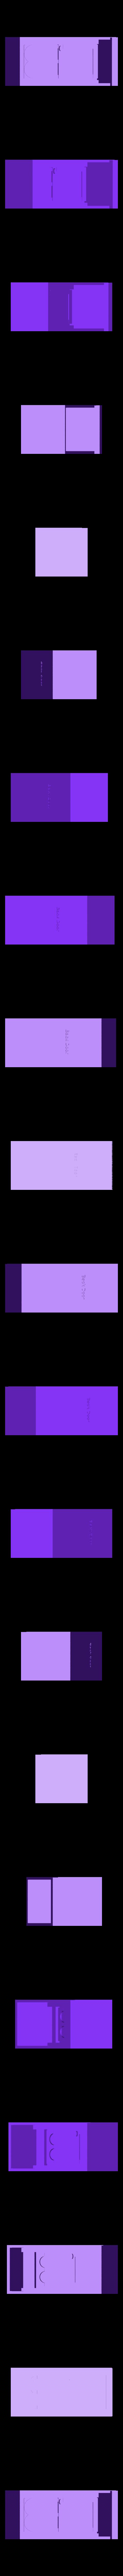 smith_bk_door1.stl Télécharger fichier STL gratuit Ripper's London - Les boutiques Partie 1 - Smiths and Co • Plan pour impression 3D, Earsling